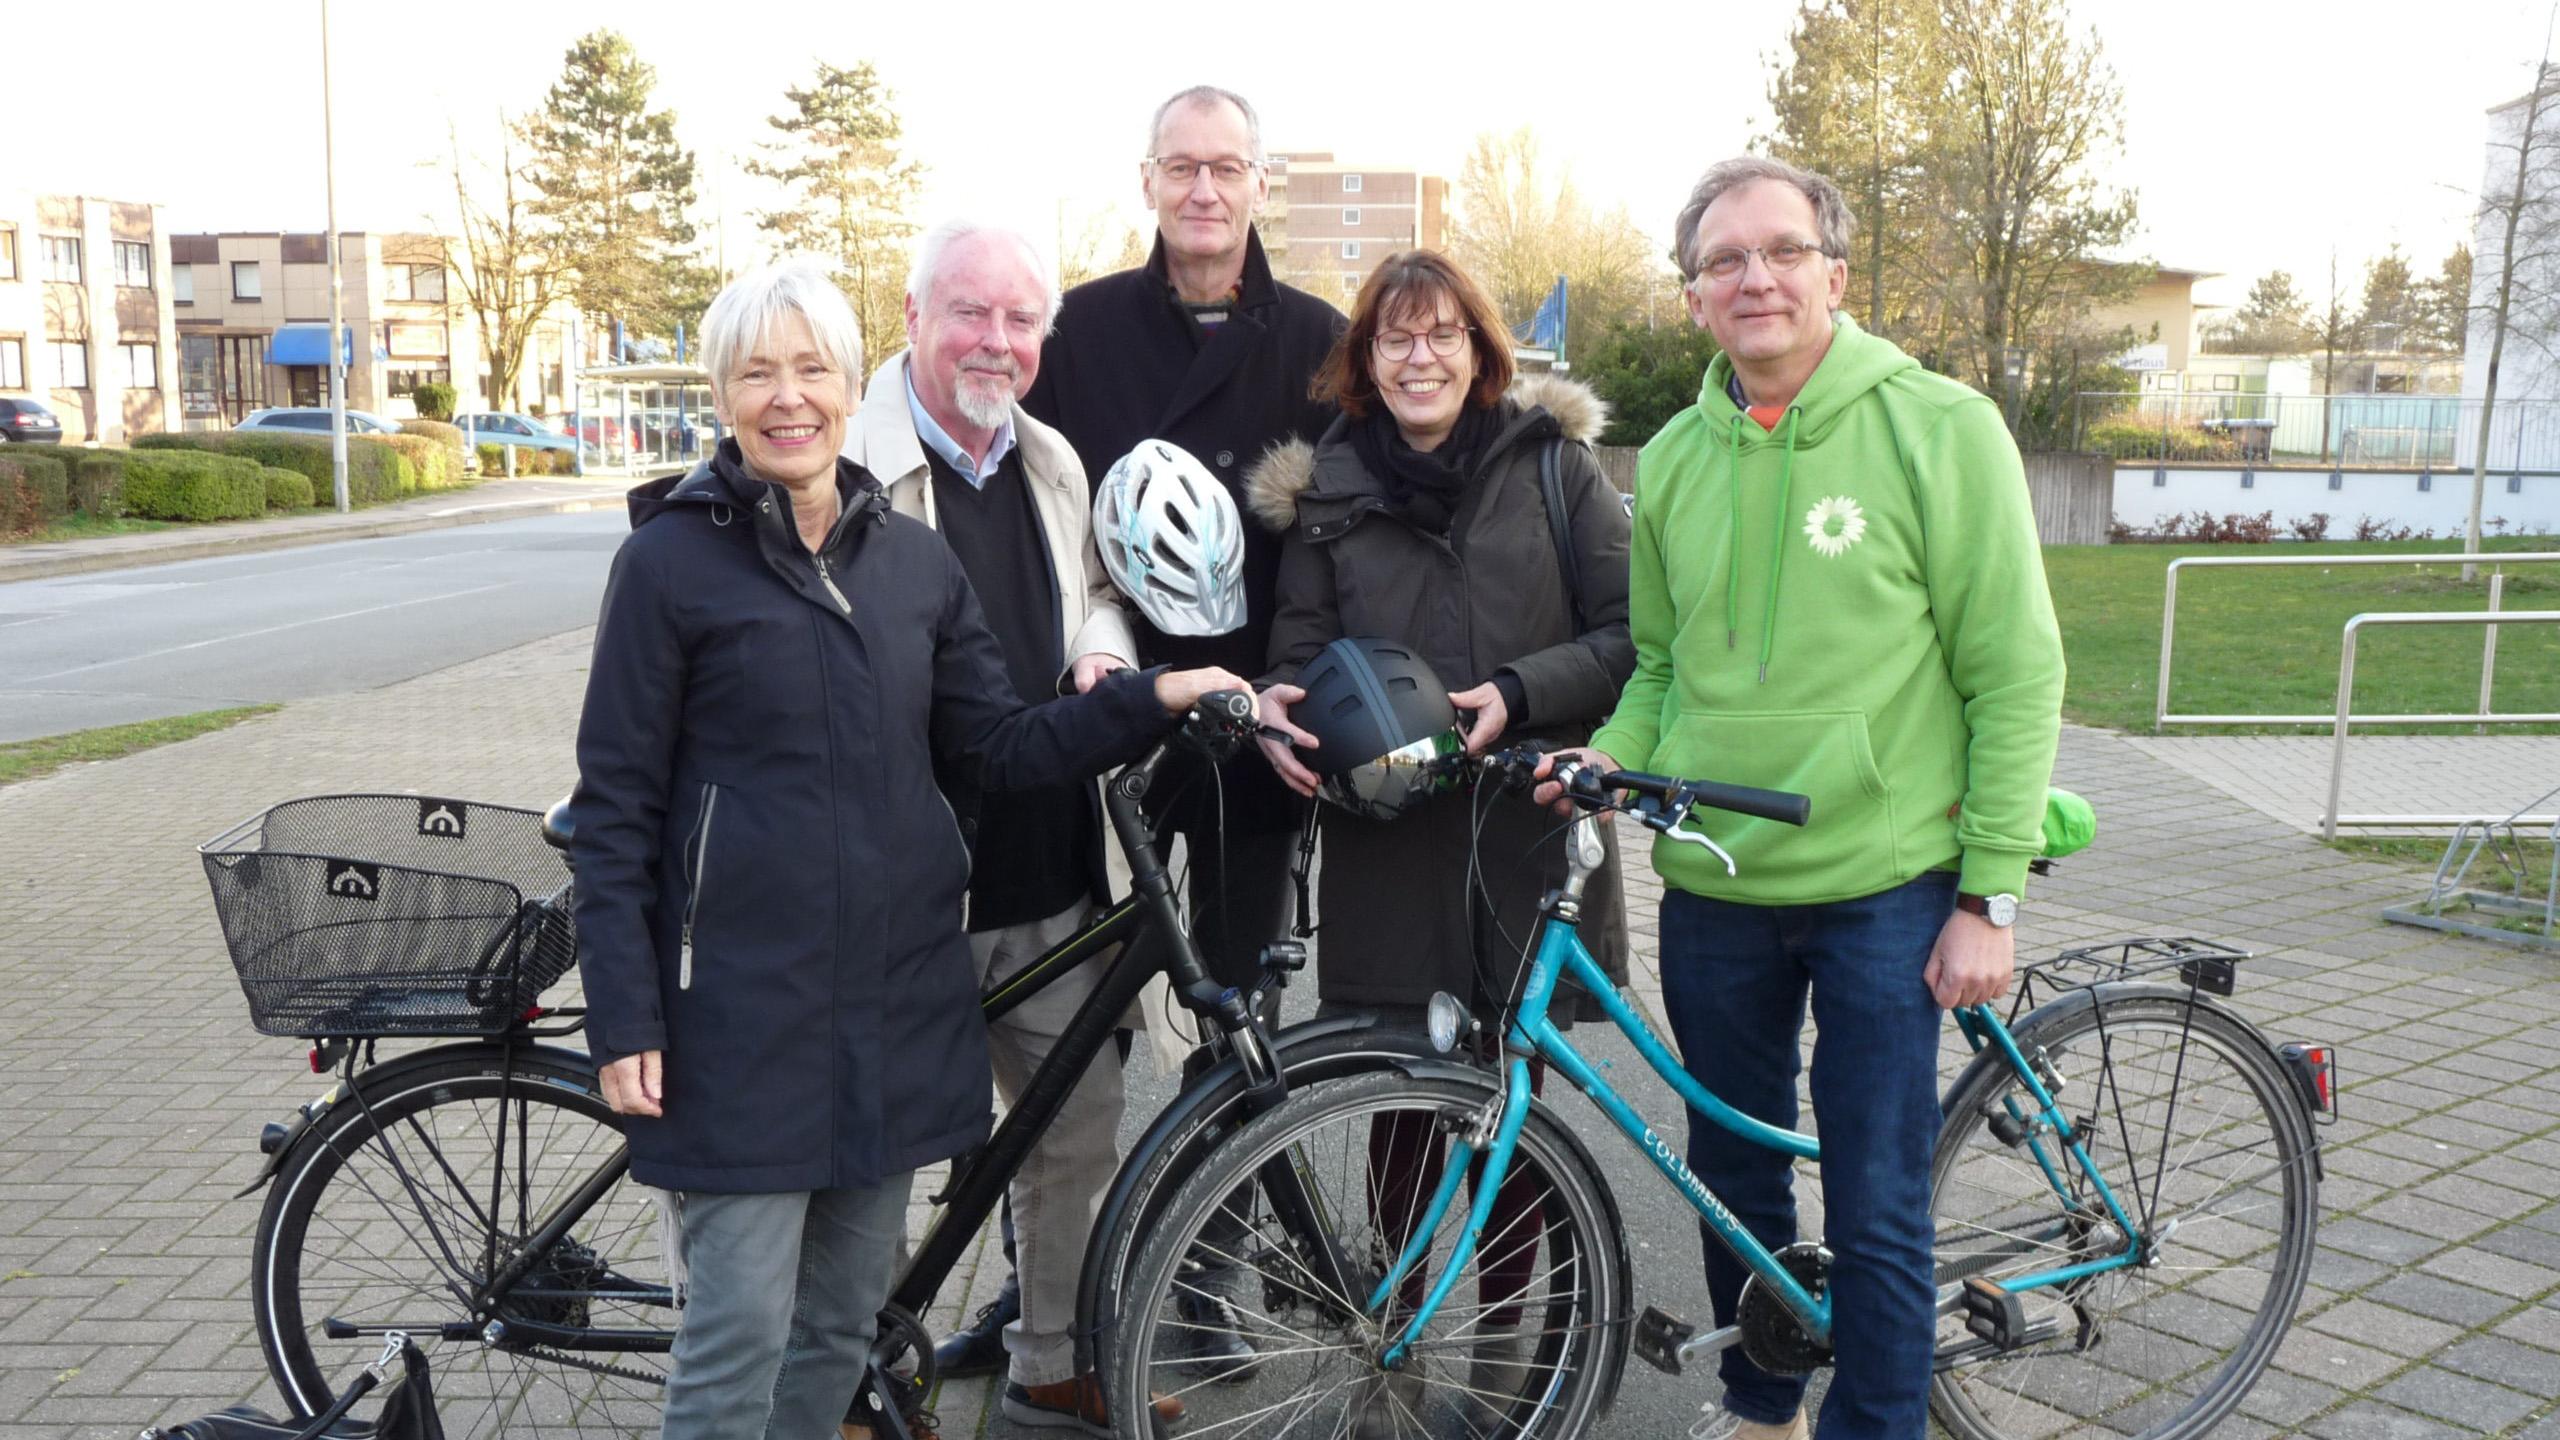 Grüne stellen Antrag im Kreistag zum interkommunalen Radweg Bünde-Hiddenhausen-Herford